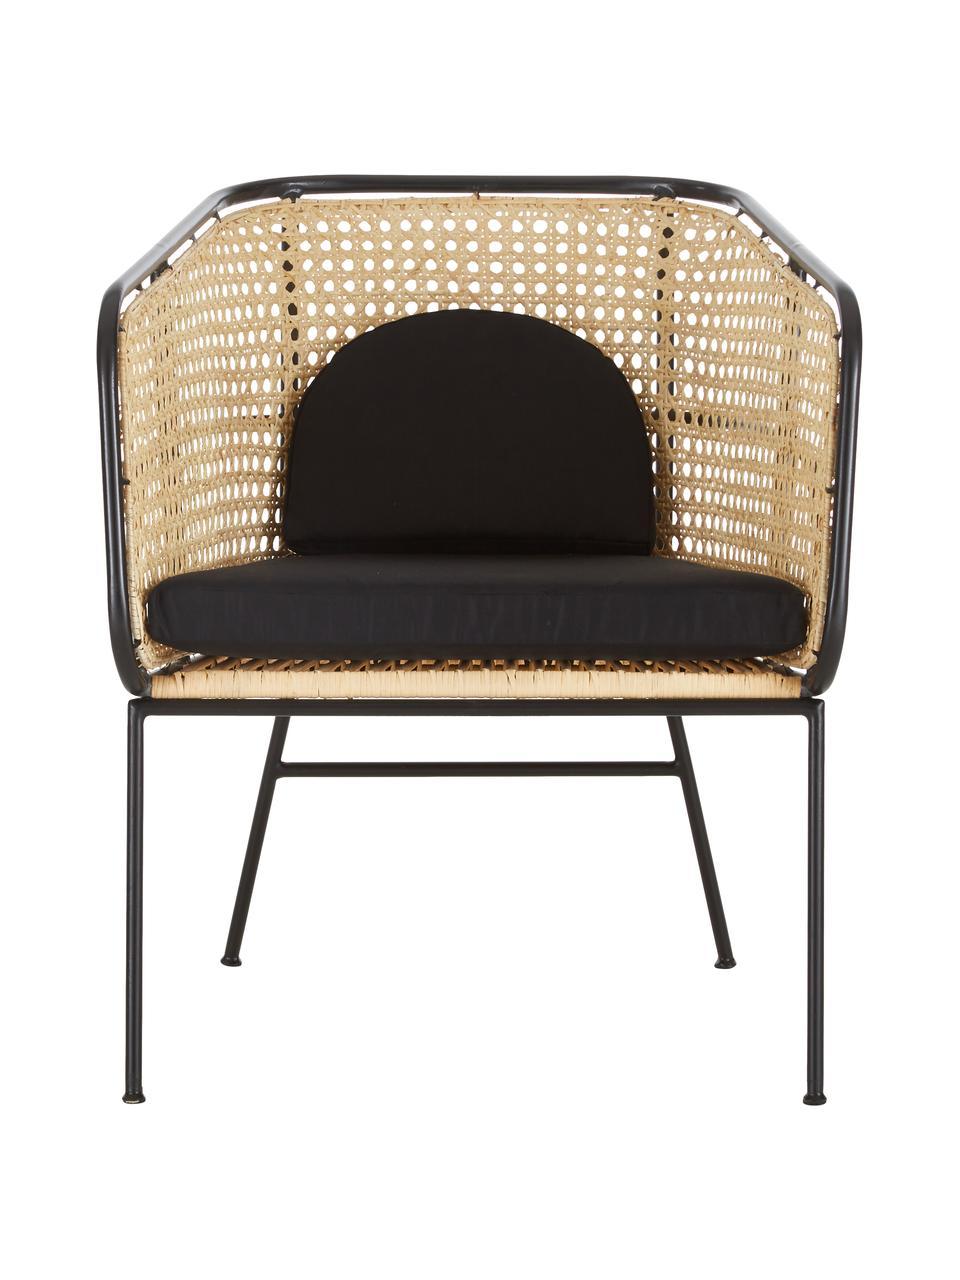 Krzesło z plecionką wiedeńską Merete, Siedzisko: rattan Stelaż: czarny, matowy Poszewki: czarny, S 72 x G 74 cm